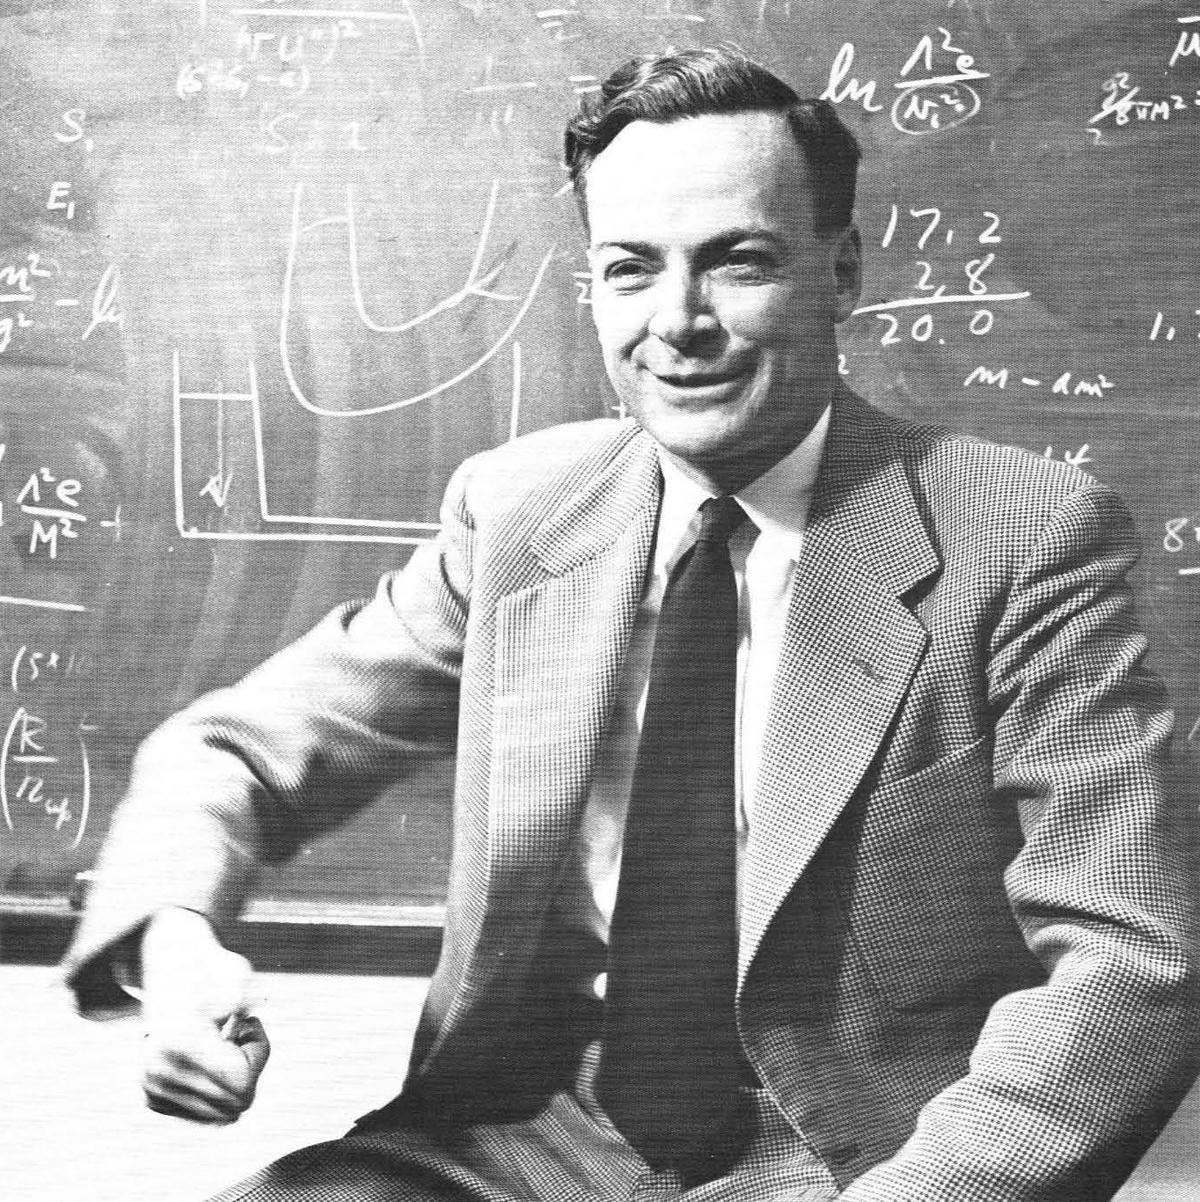 Річард Фейнман — Вікіпедія